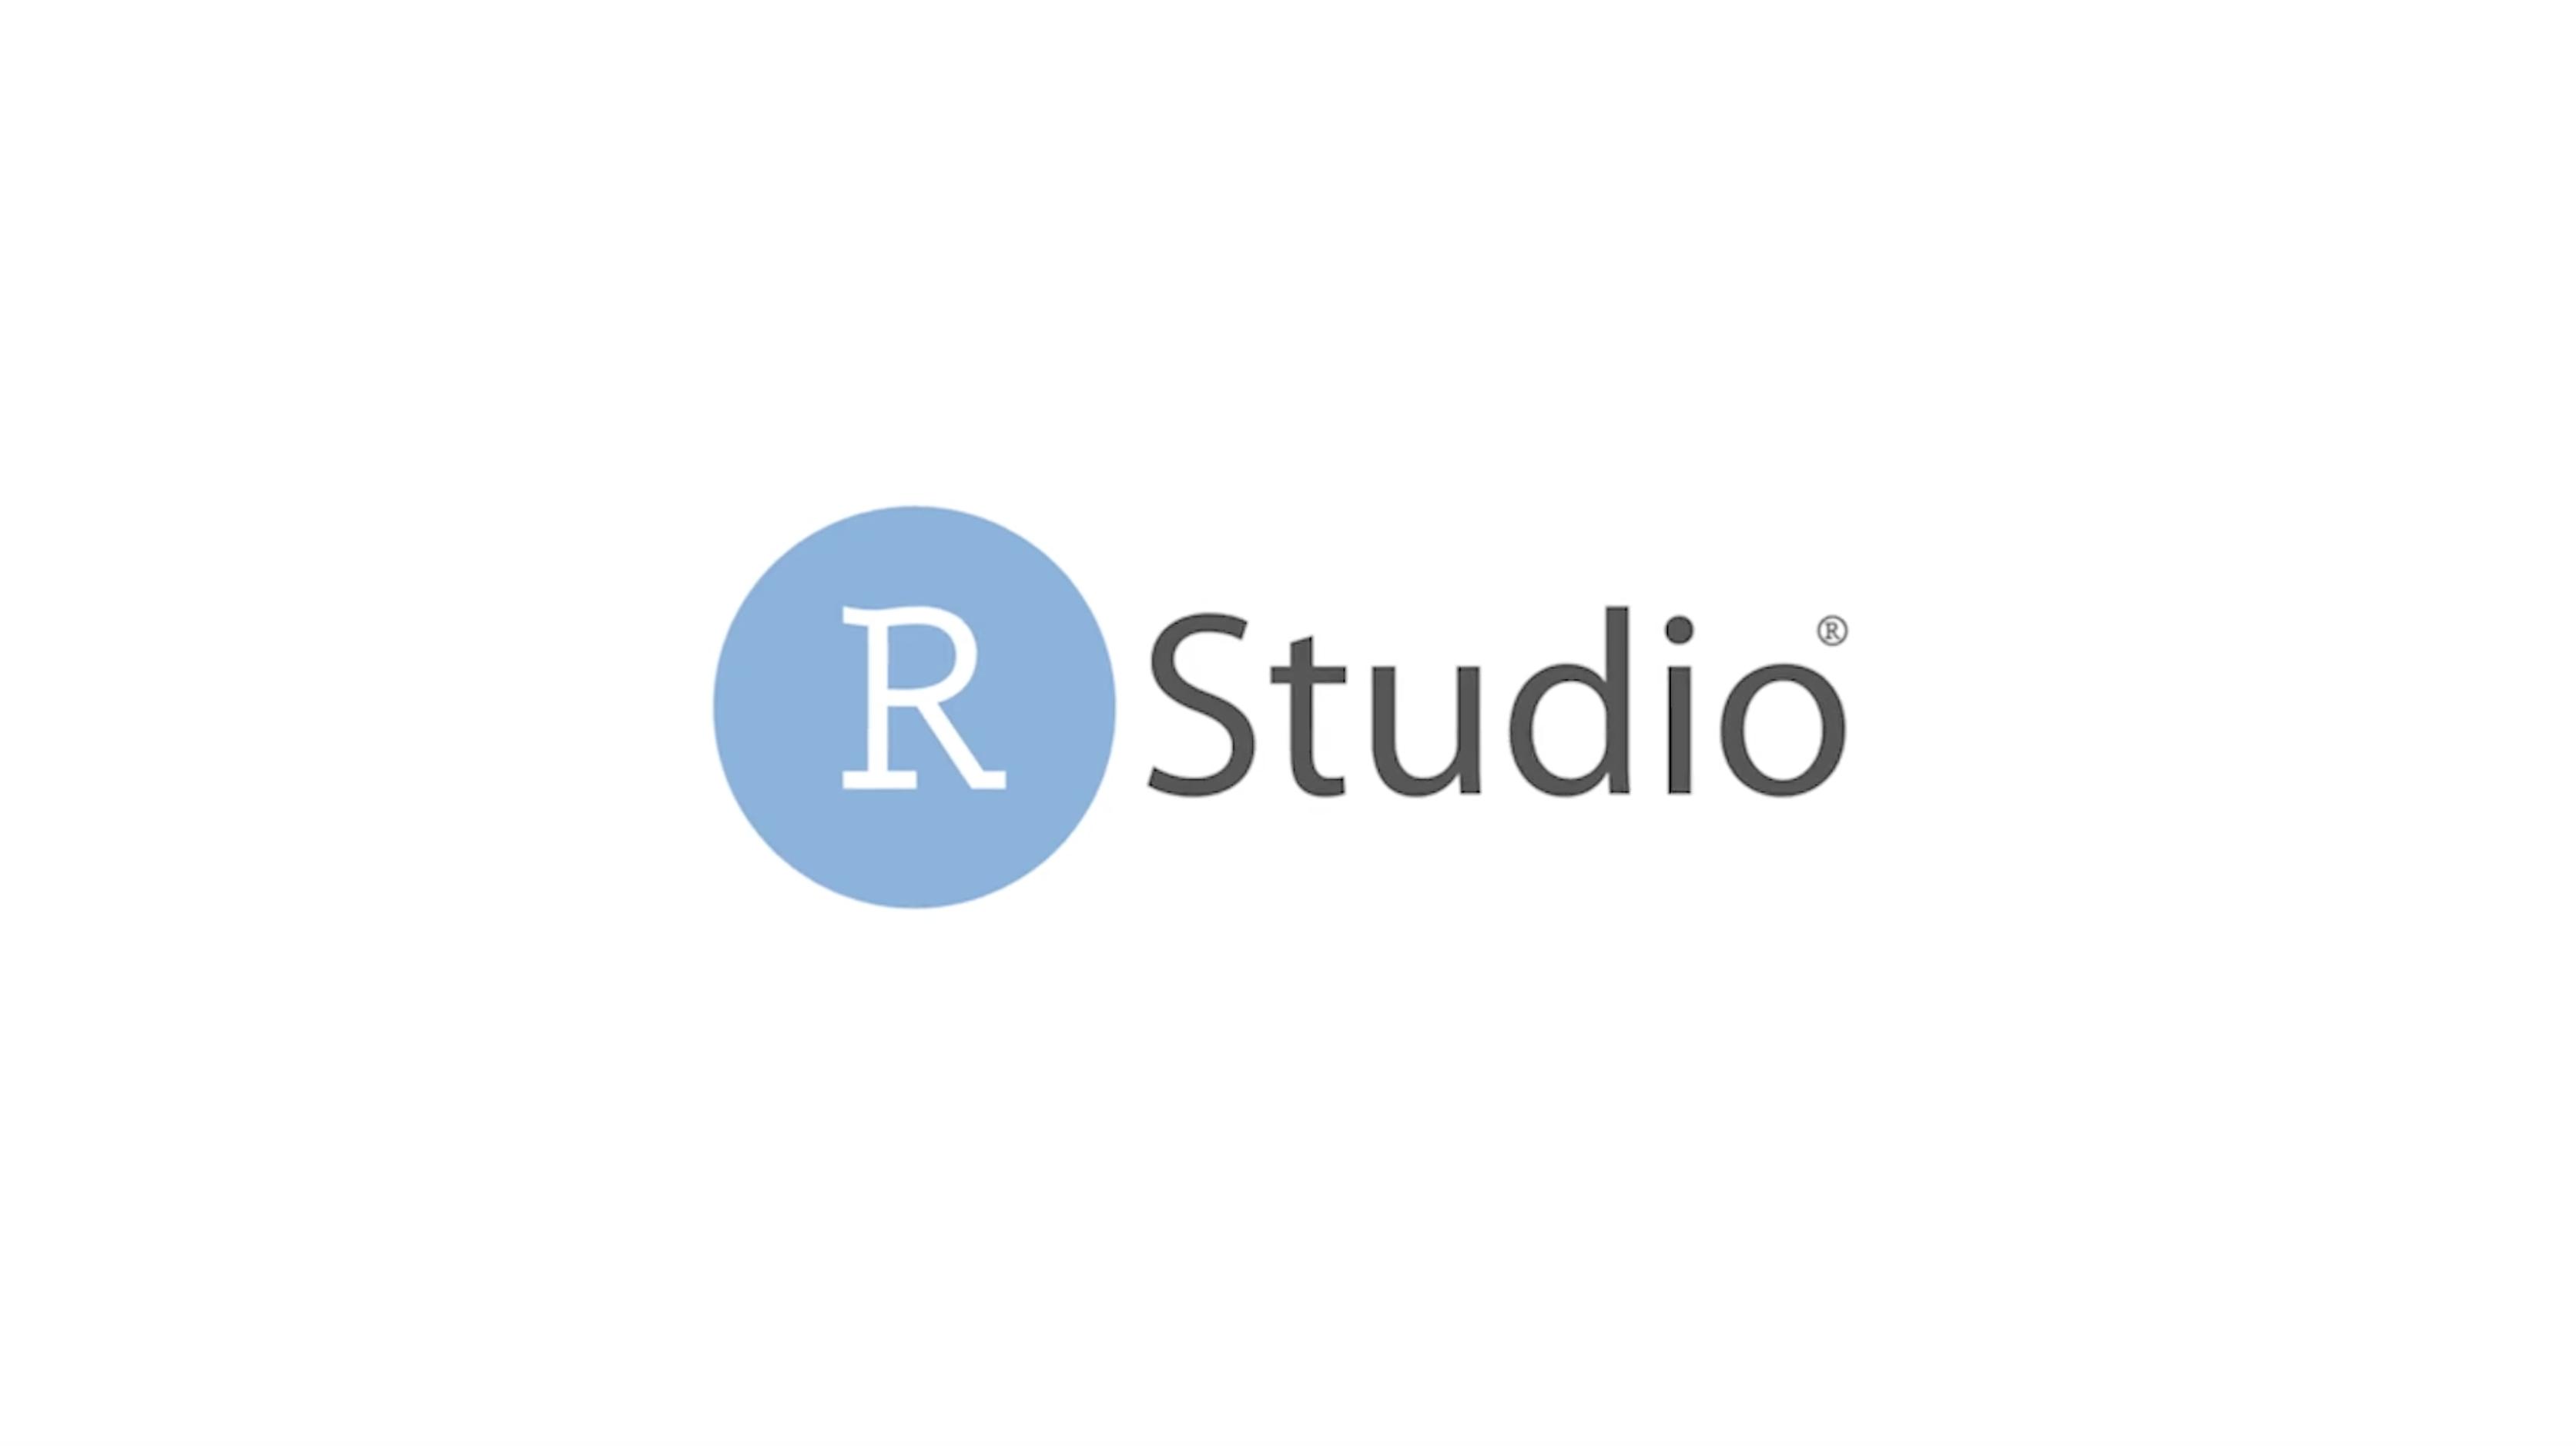 Rとlavaanパッケージで構造方程式モデリング・媒介分析、ブートストラップのサンプル数指定